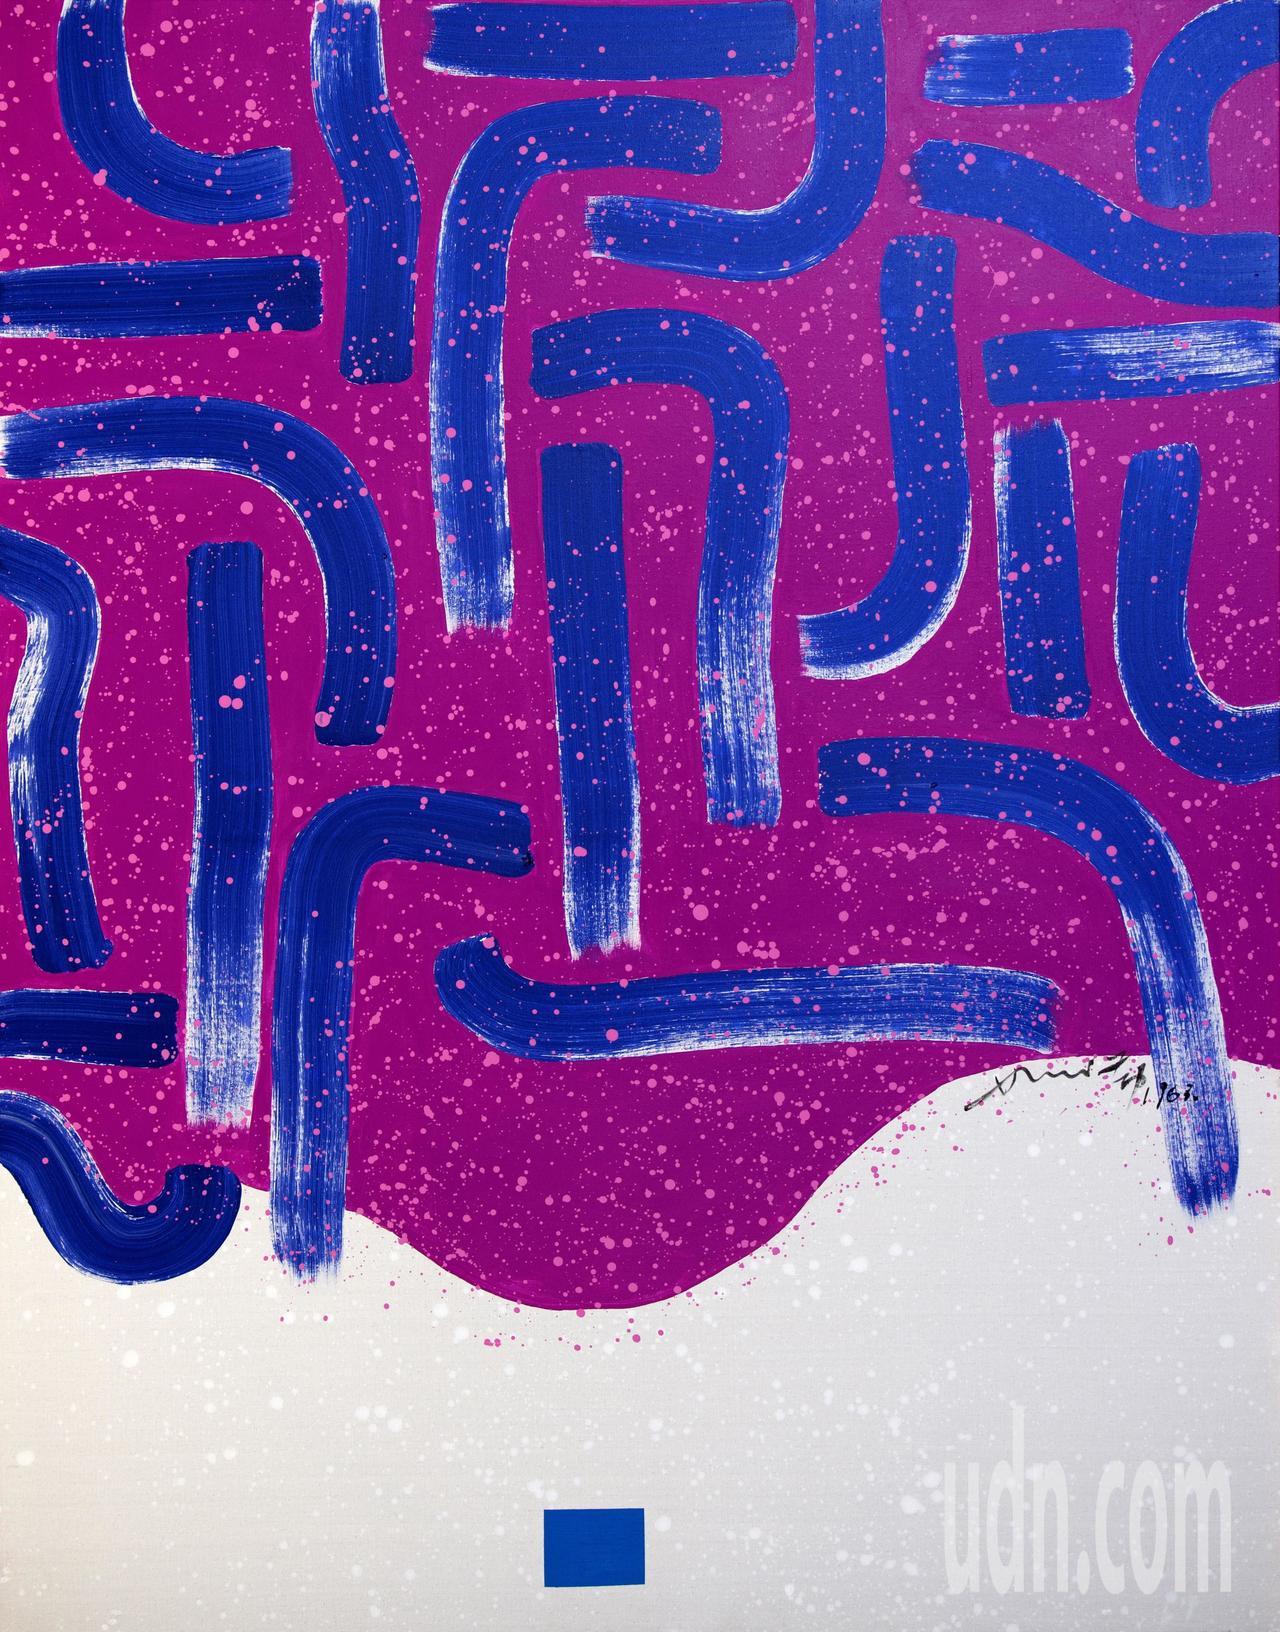 蕭勤大師1963年作品「光之躍動-5」目前為法國吉美博物館典藏。圖/蕭勤國際文化...